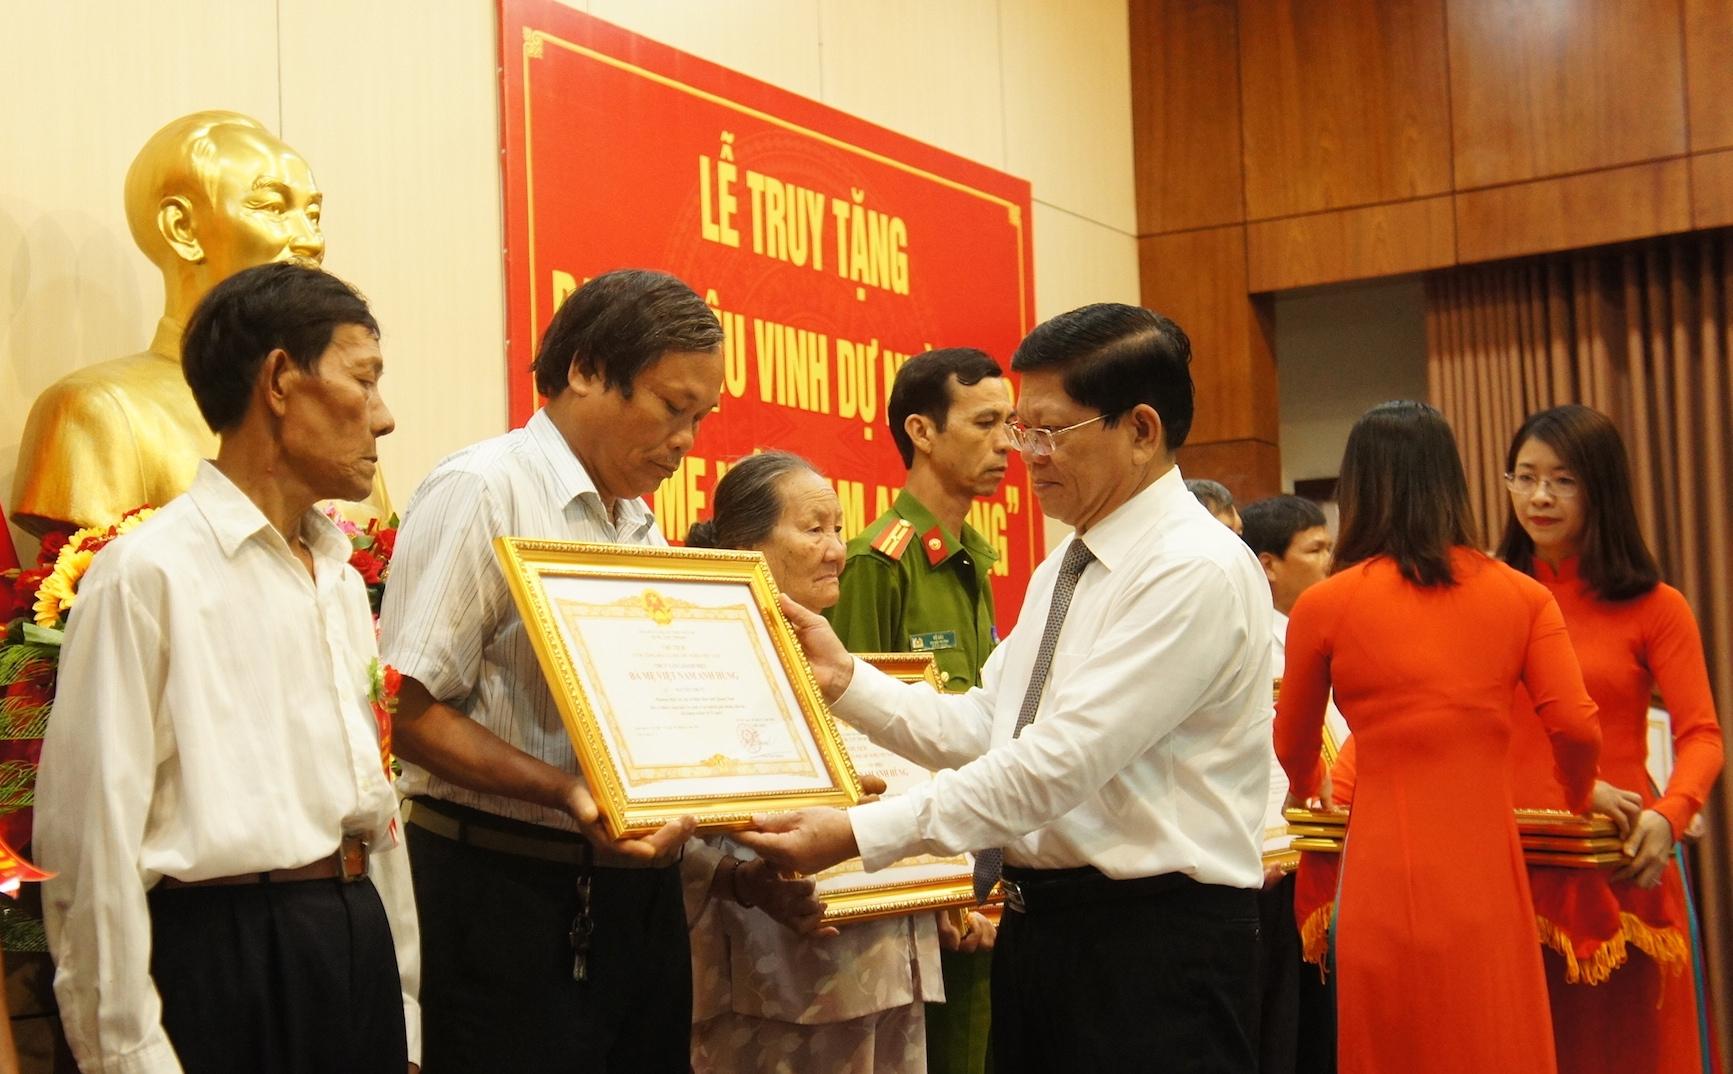 Đà Nẵng truy tặng danh hiệu Bà mẹ Việt Nam anh hùng cho 25 Mẹ